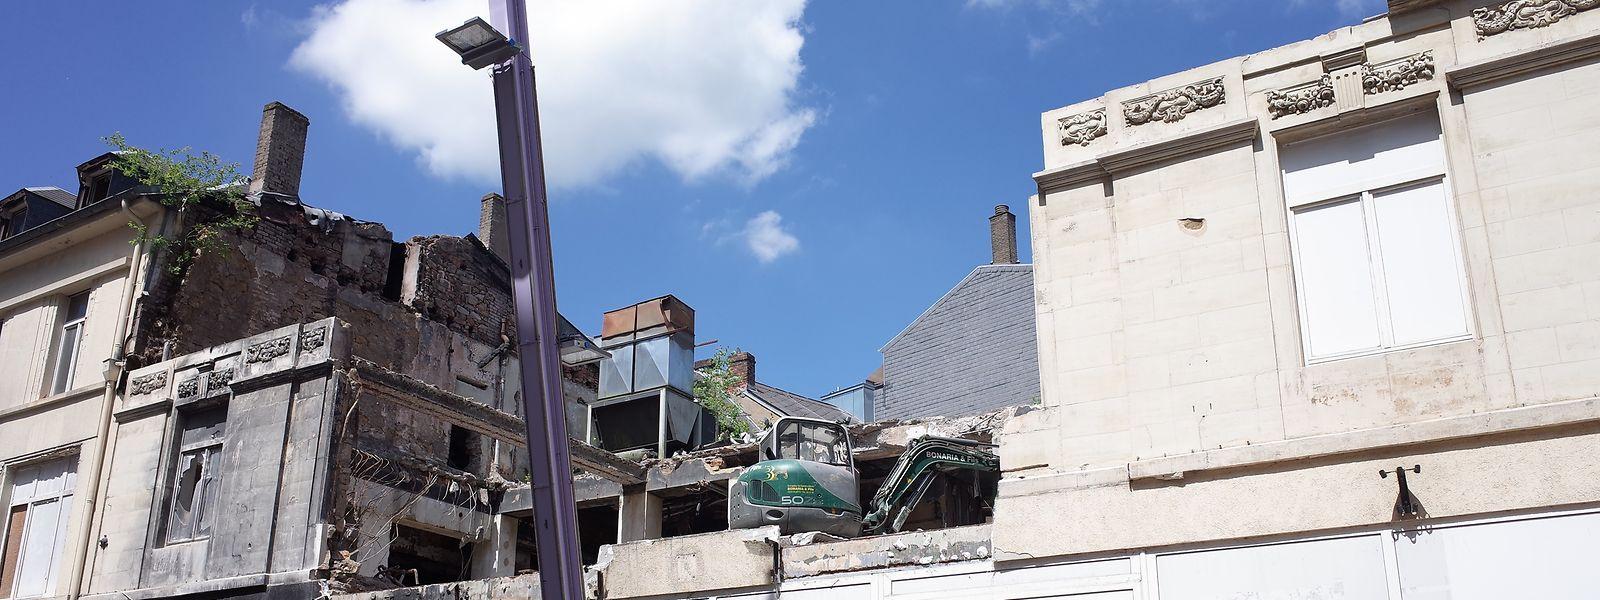 Mittlerweile thront in der Bauruine des Scholesch Eck ein Bagger. Es fehlt bereits ein Teil der Fassade des früheren Postgebäudes.